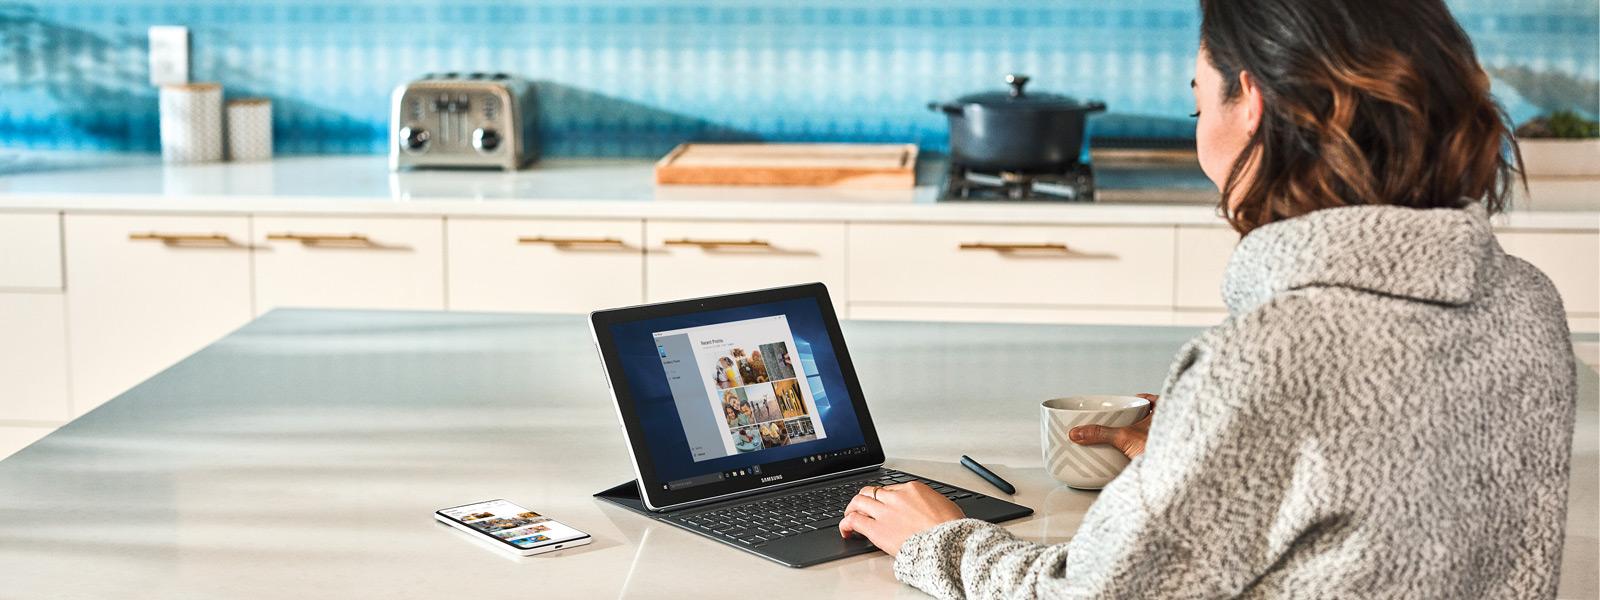 주방 조리대에 앉아 Windows 10 노트북 컴퓨터와 휴대폰을 함께 사용 중인 여성